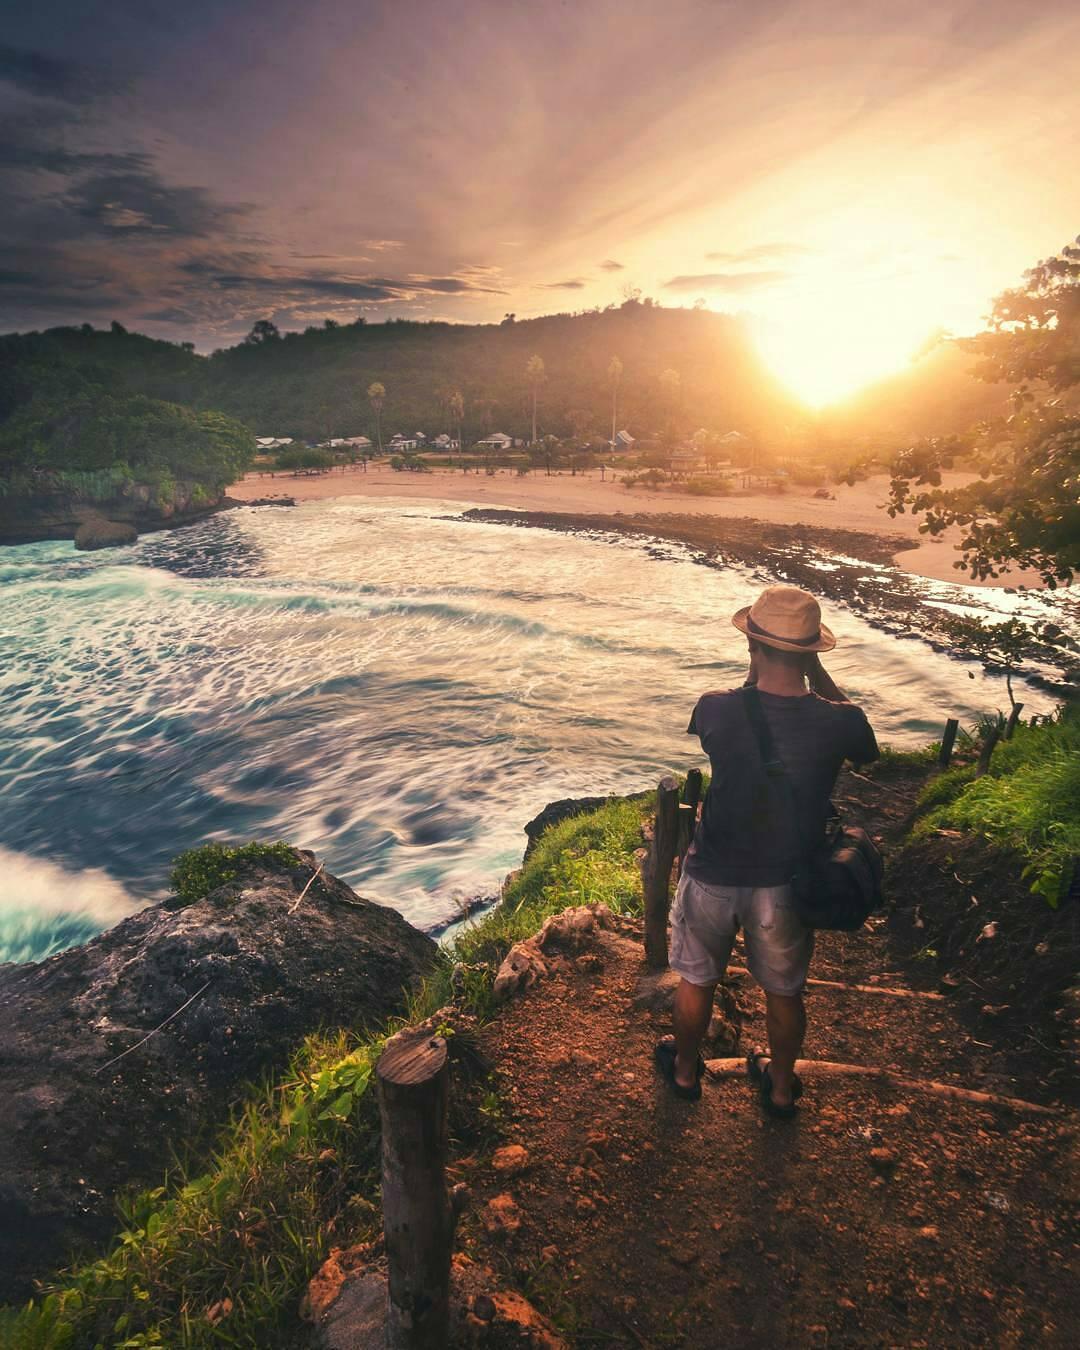 Panorama Pantai Batu Bengkung dari Bukit Bengkung, Malang, Kabupaten Malang, Dolan Dolen, Dolaners Panorama Pantai Batu Bengkung dari Bukit Bengkung by arungpatigeni2 - Dolan Dolen